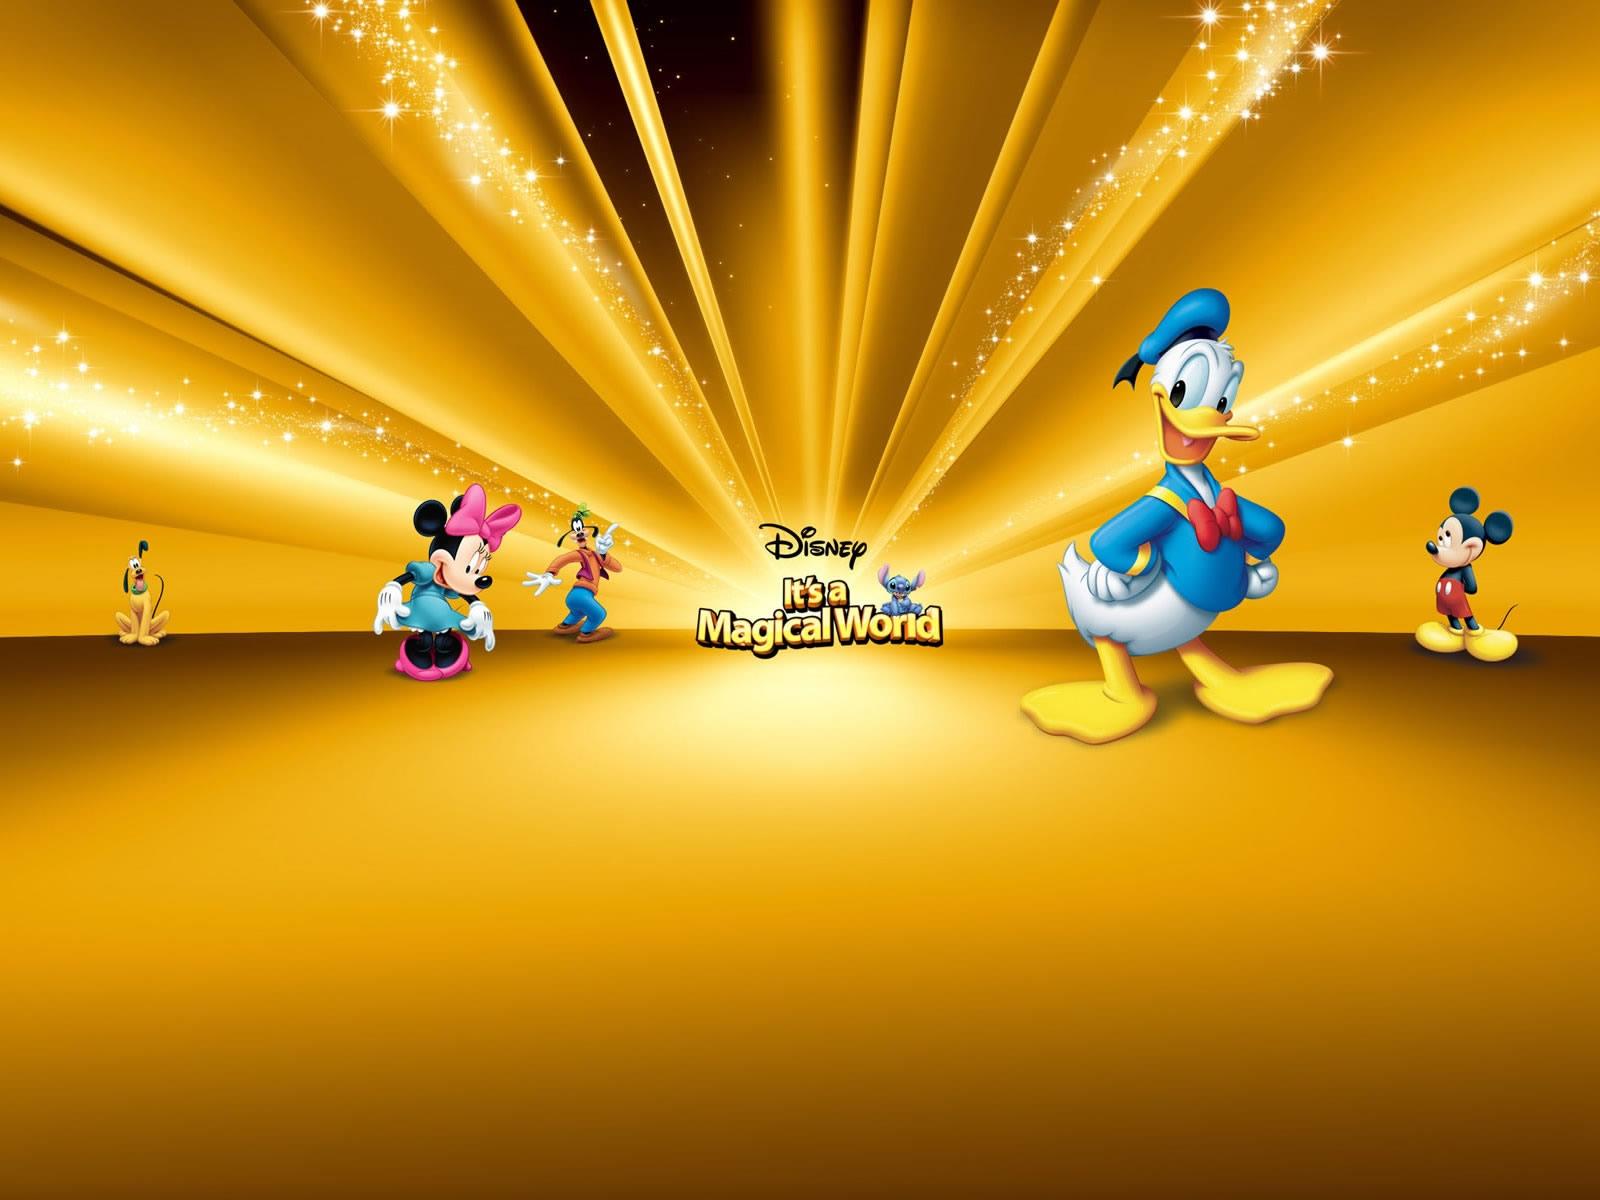 El mundo Mágico de Disney